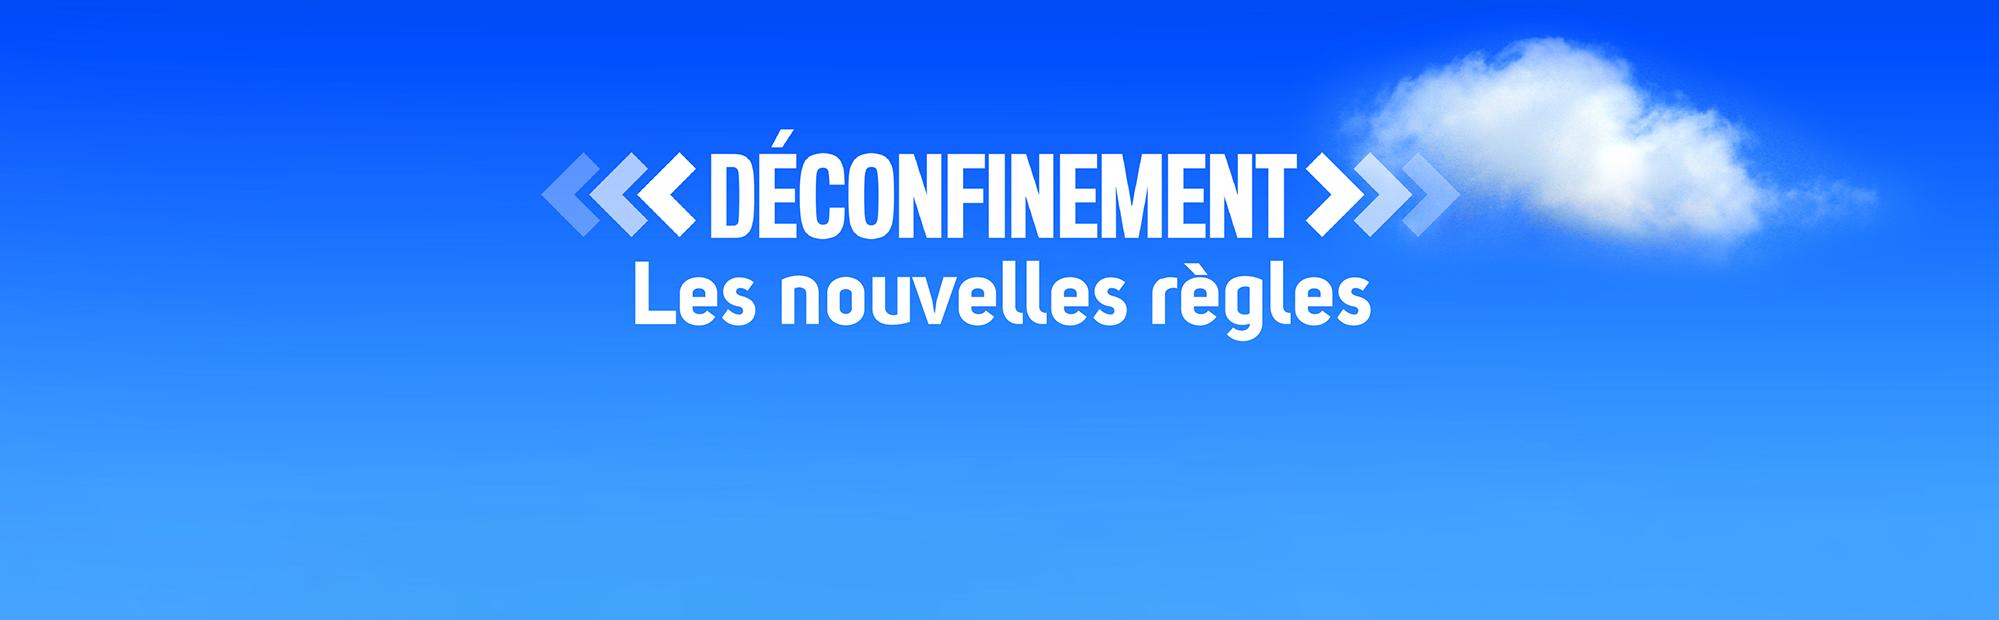 TROISIEME PHASE DU DECONFINEMENT : LES NOUVELLES REGLES